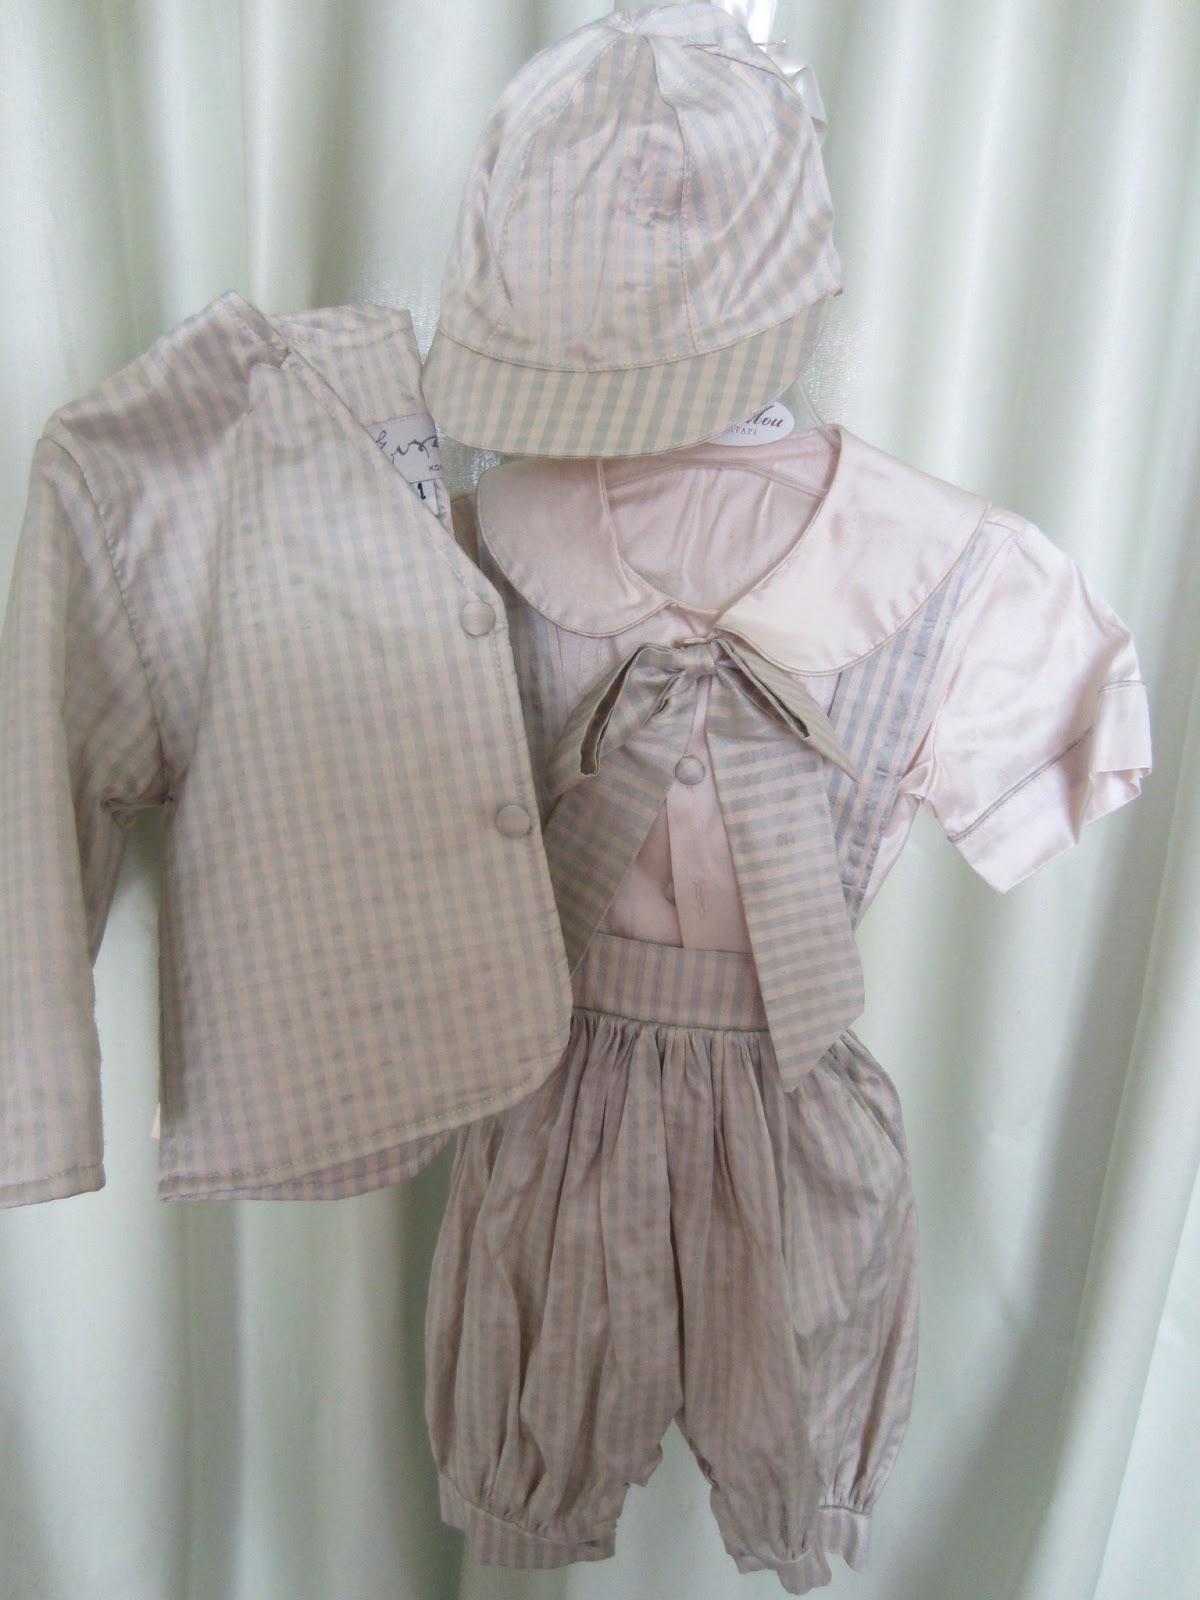 fcd8b35fdaa Ολομέταξωτη φουφούλα, πουκάμισο σακάκι, καπέλο για νεογέννητα. Τιμή: 60  ευρώ.